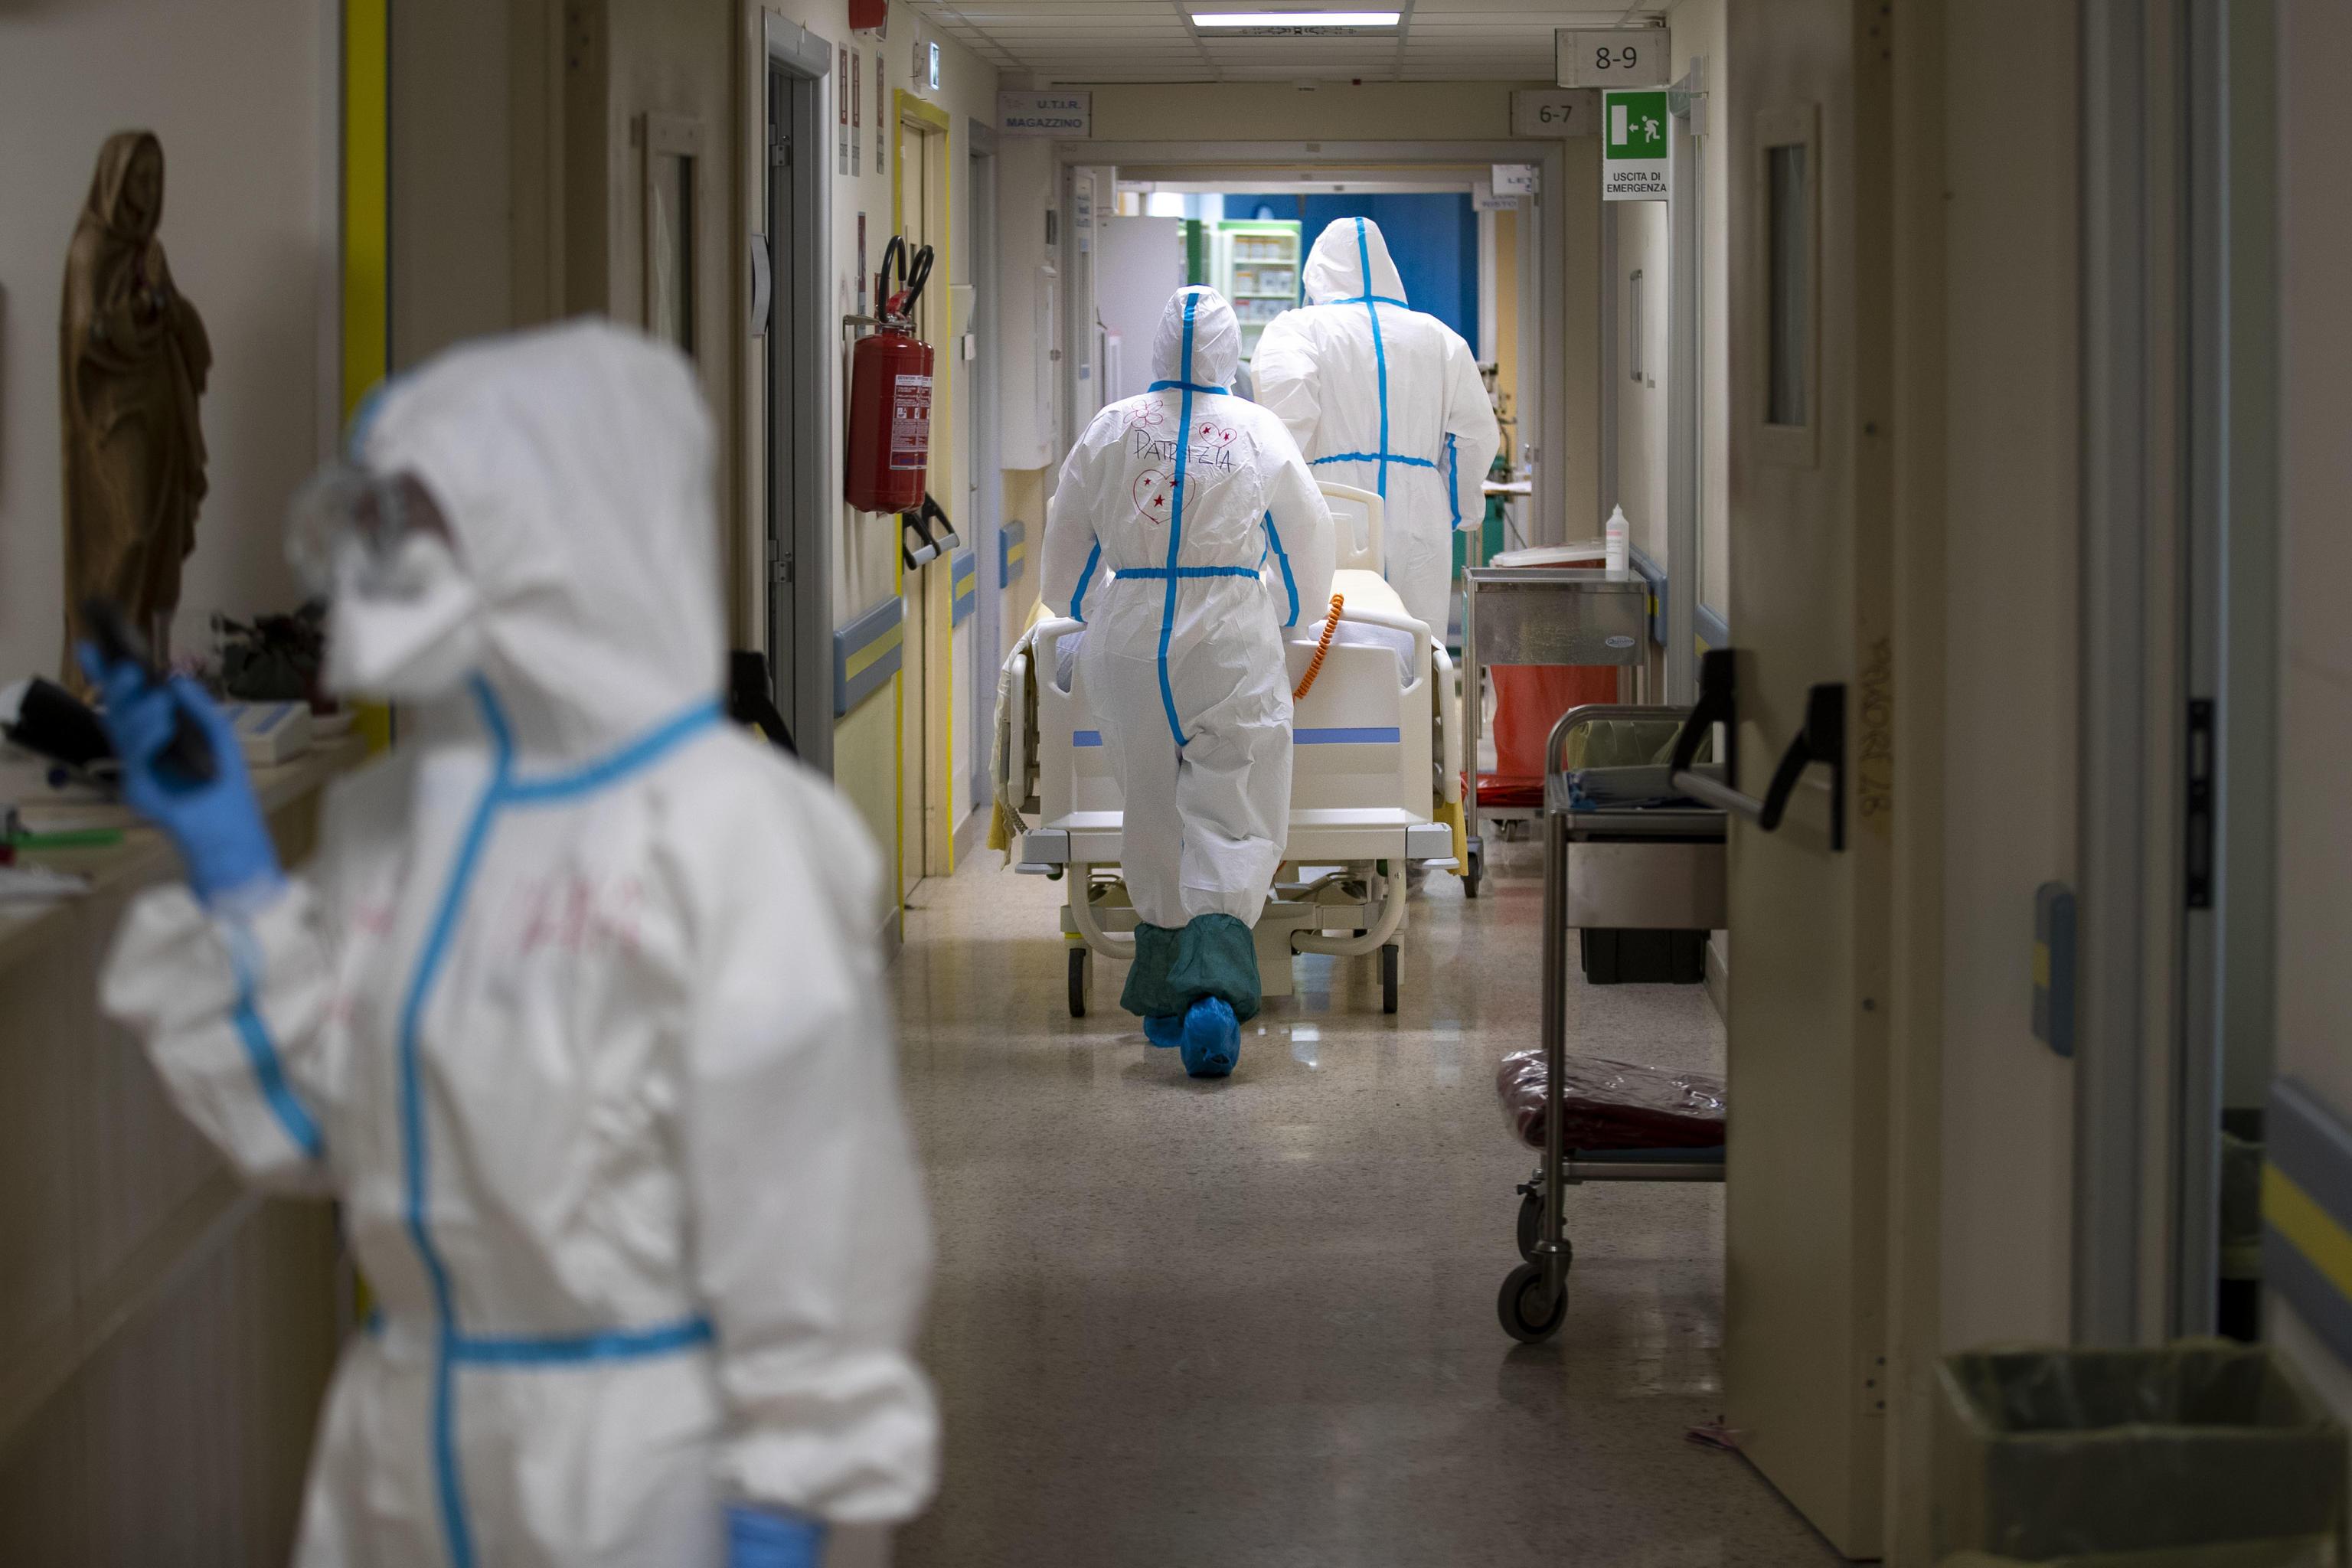 Il Coronavirus ha fermato i trapianti di organi: in Italia oltre 8.200 persone in attesa e pochi donatori